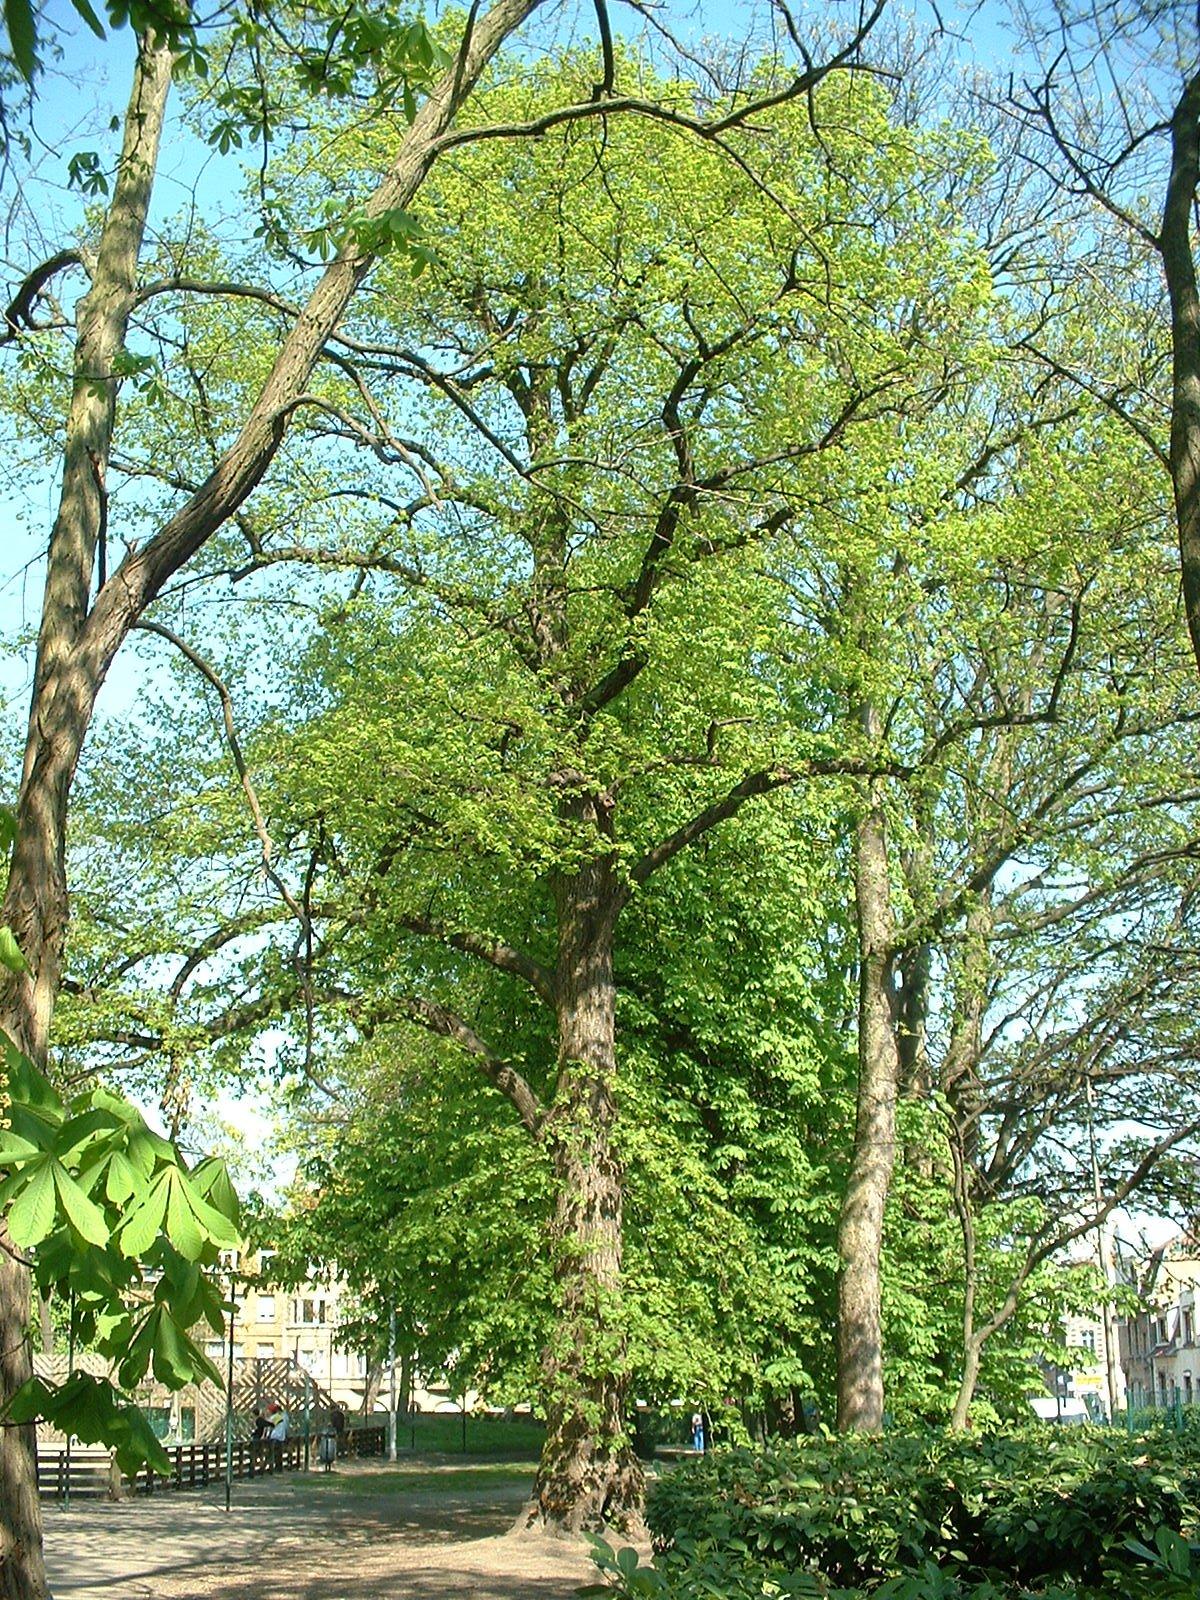 Tilleul à larges feuilles – Molenbeek-Saint-Jean, Parc des Muses, place –  15 Avril 2003